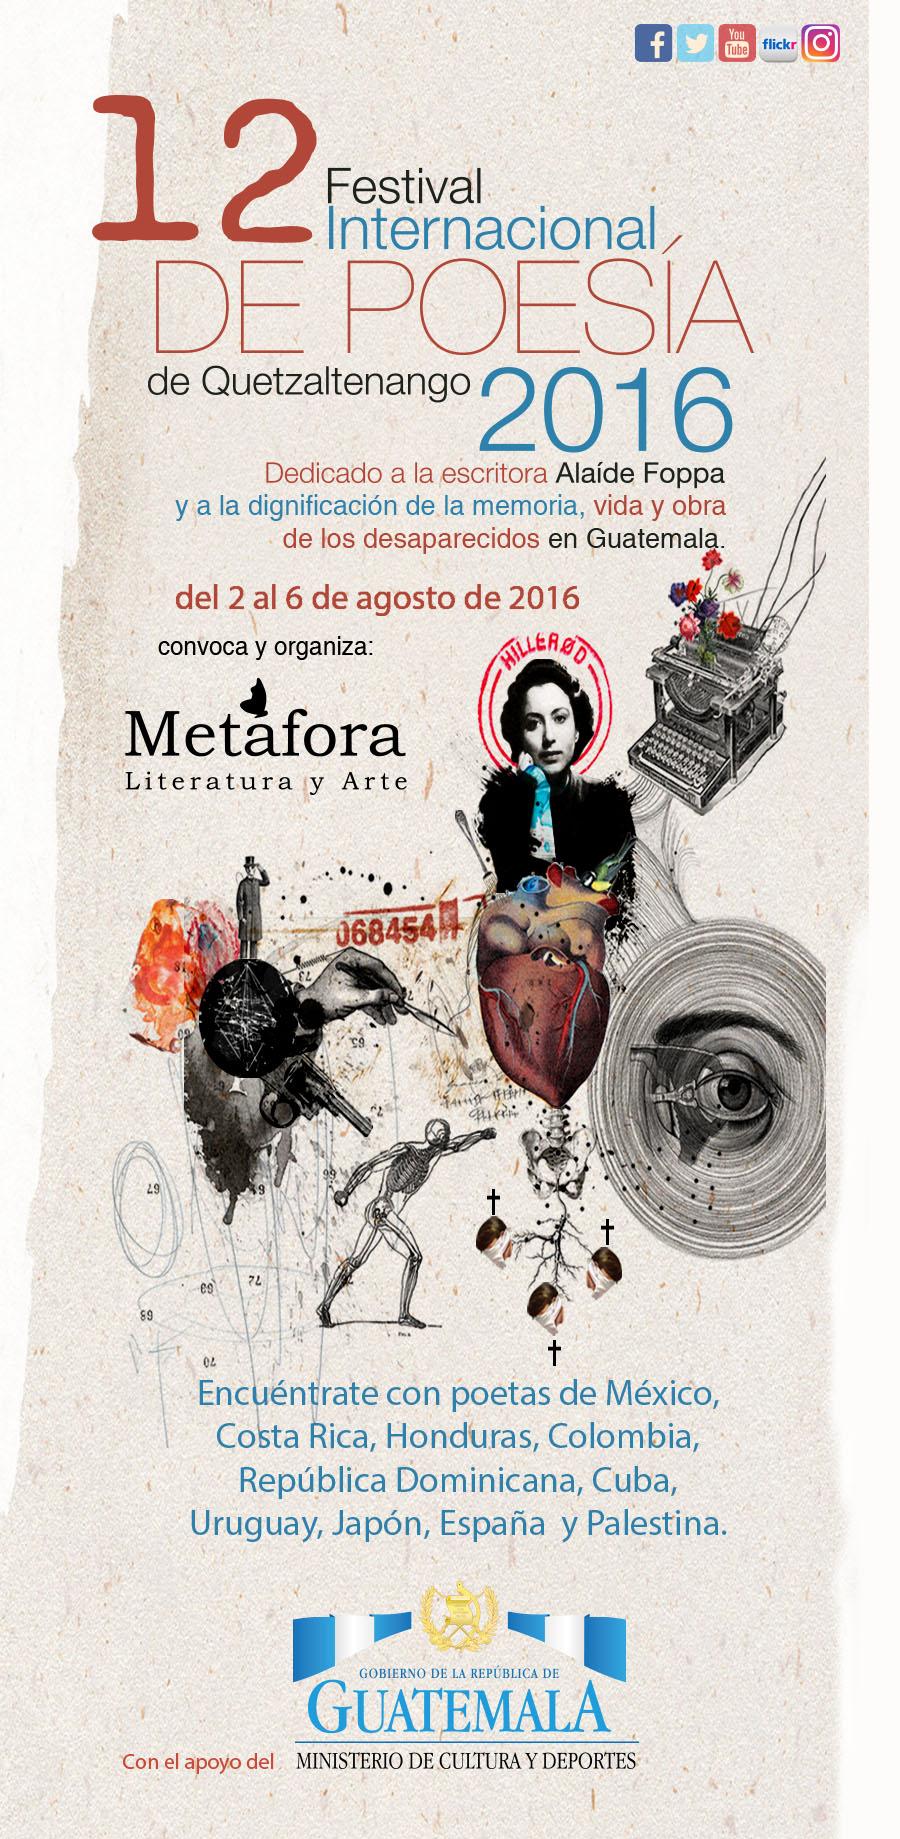 12 Festival Internacional de Poesía